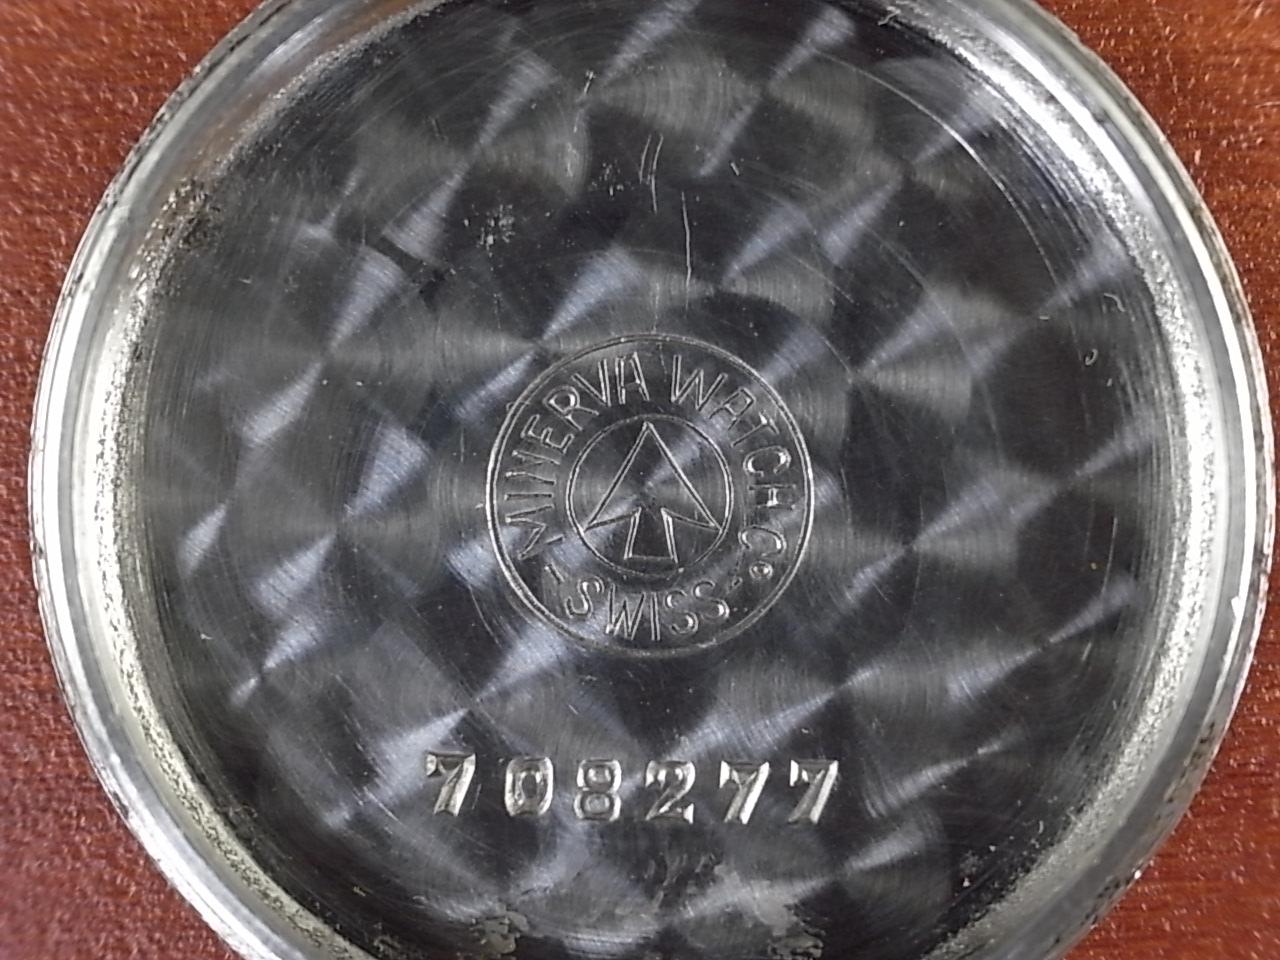 ミネルバ ブラックミラーダイアル キャリバー49 スクリューバック 1950年代の写真6枚目